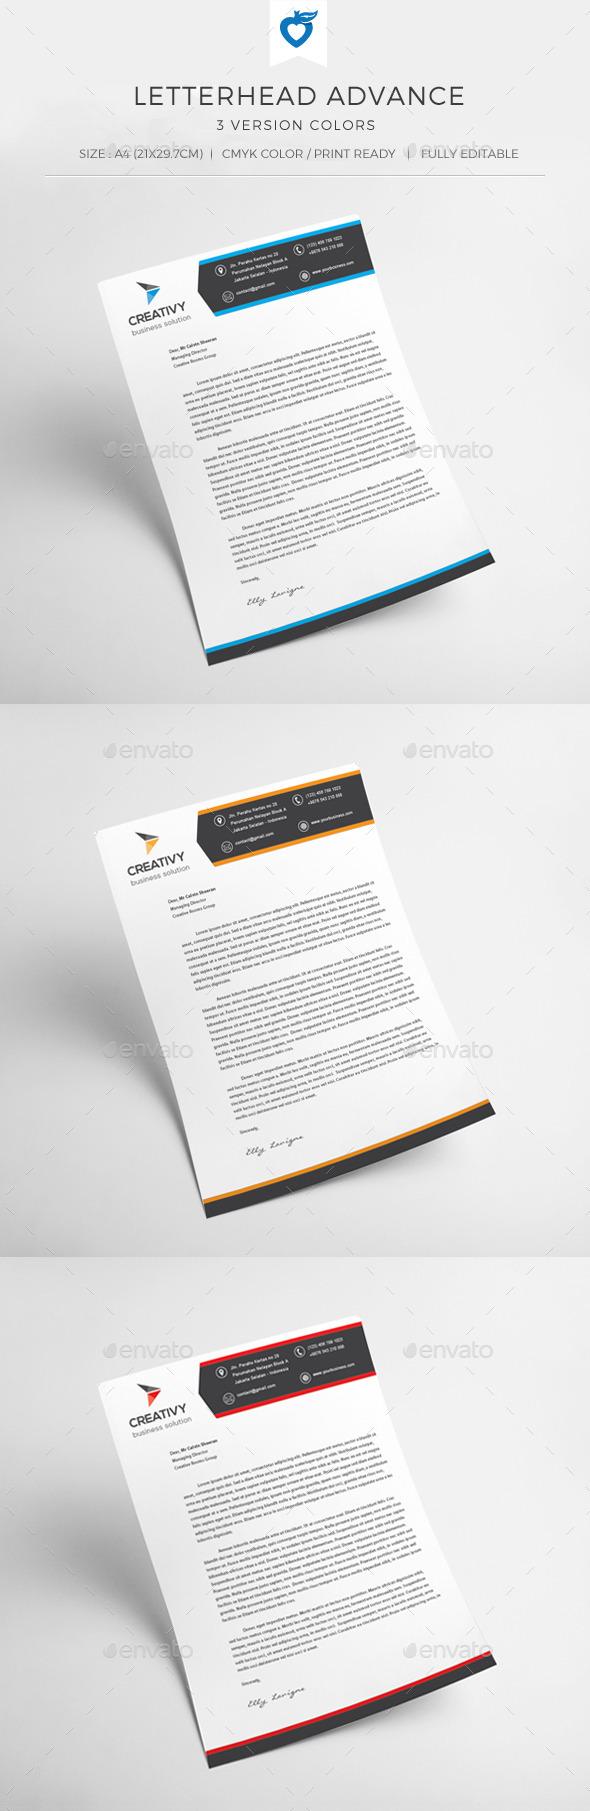 GraphicRiver Letterhead Advance 10942997